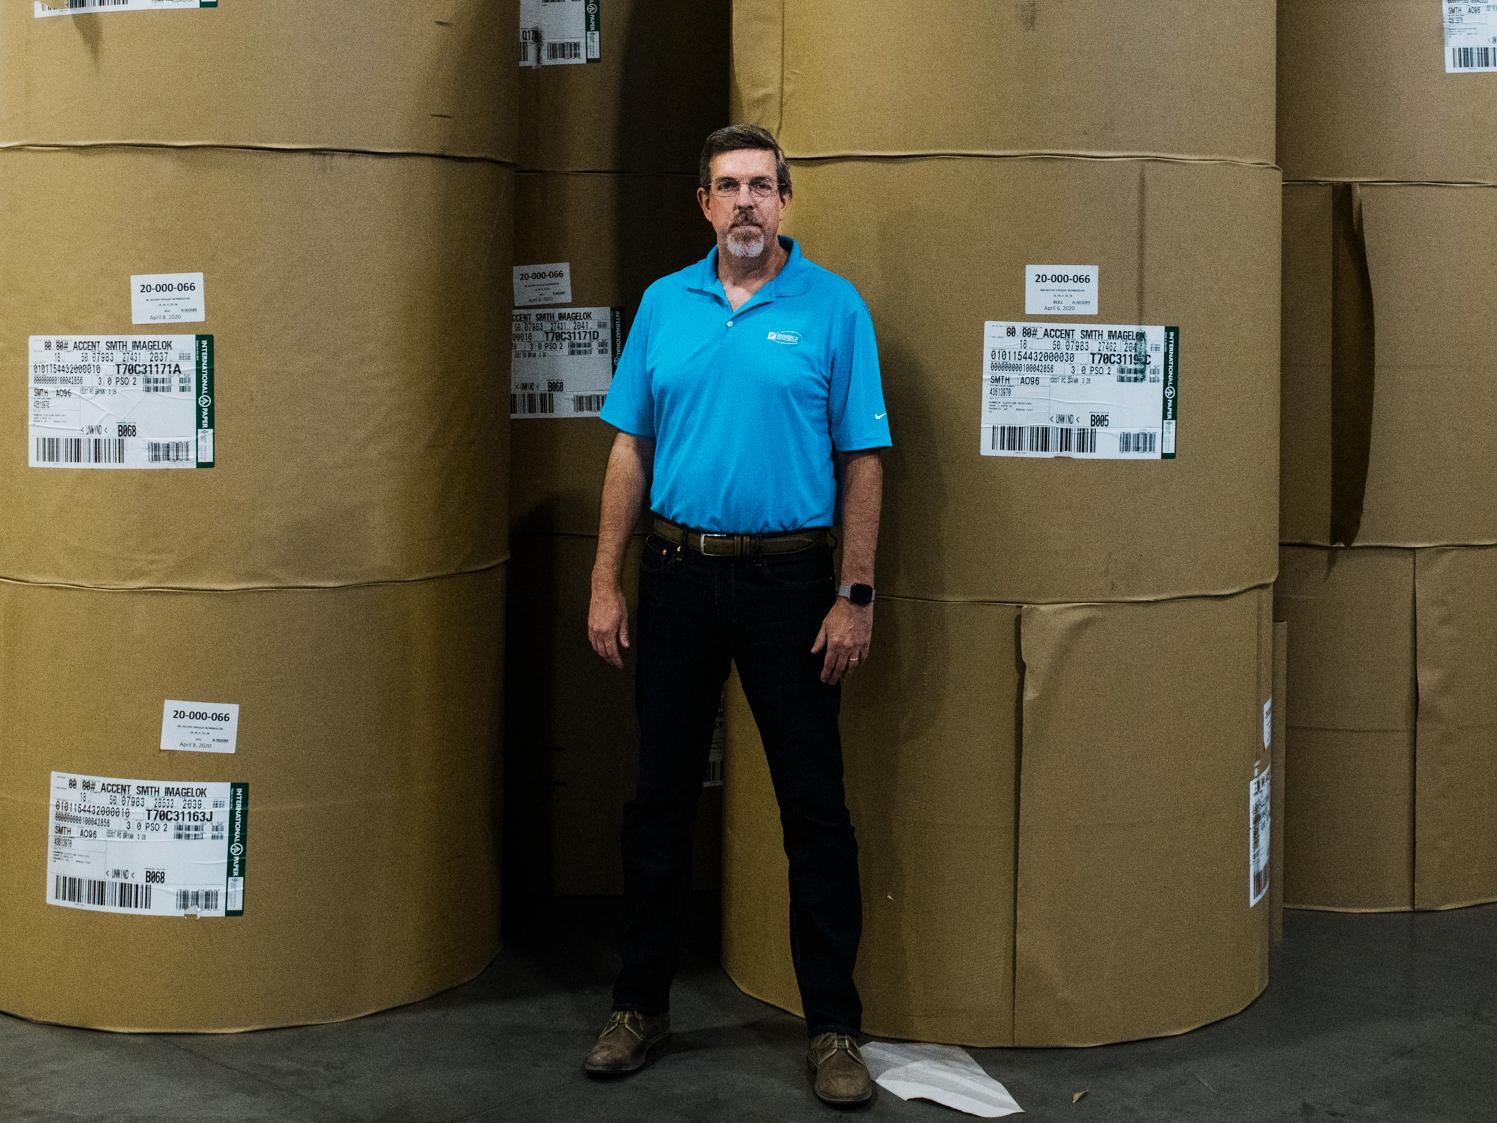 Jeff Ellington, président et chef de l'exploitation de Runbeck Election Services, se tient devant d'énormes rouleaux de papier utilisés pour créer des bulletins de vote postal.